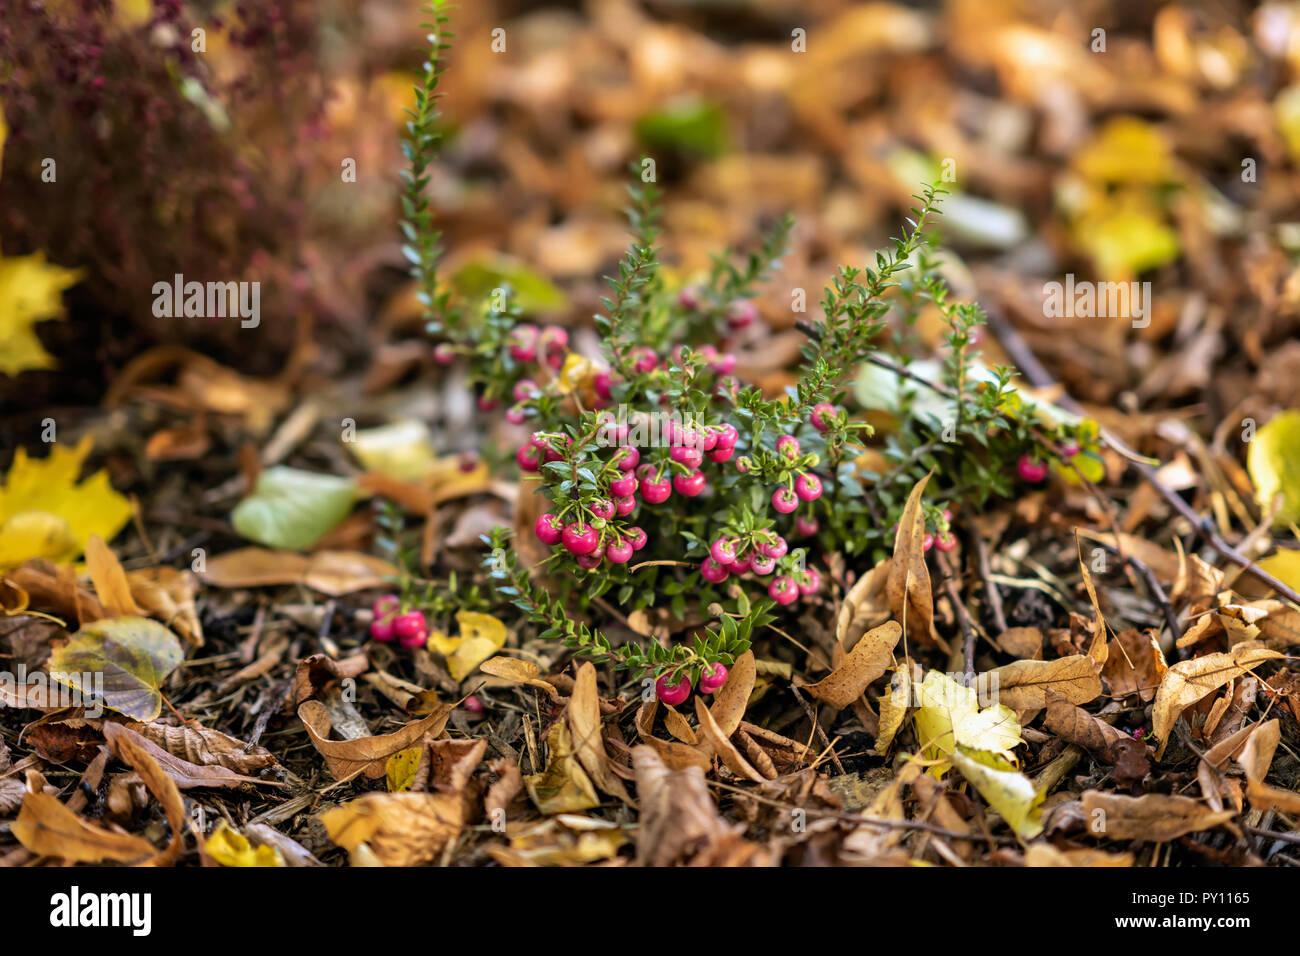 Curto brilhante arbusto perene de cowberry, Vaccinium entre o caído fallen folhagem. Planta perene. Outono fundo pitoresco natural Imagens de Stock